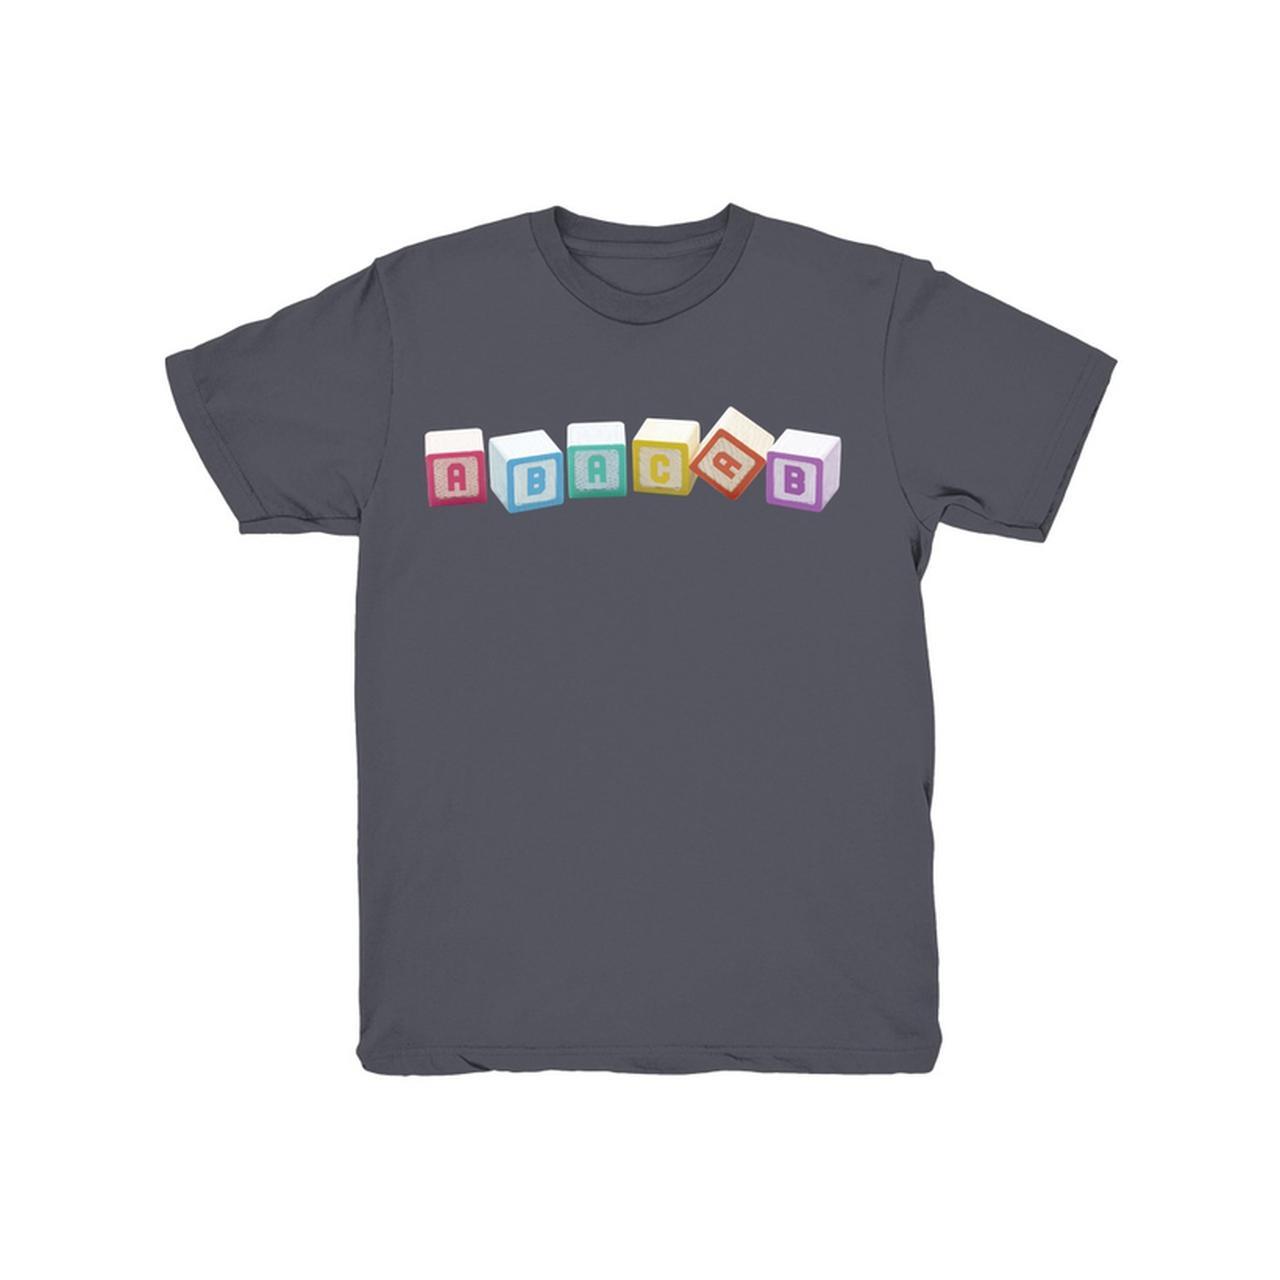 Genesis Youth Abacab Blocks T-Shirt 722b02ab1